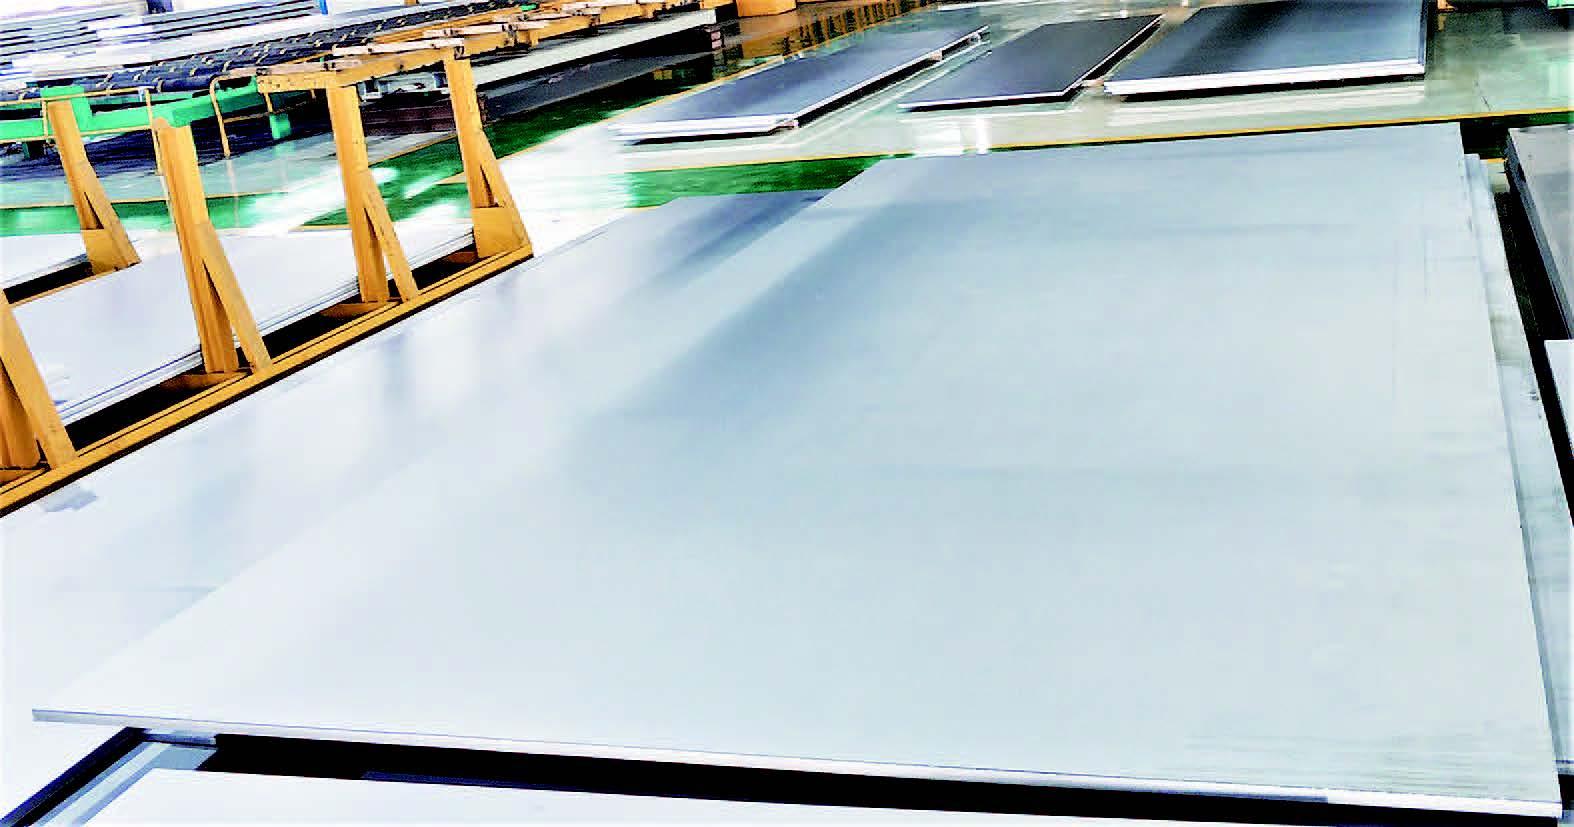 日本冶金工業、高ニッケル耐熱合金 超広幅プレート製品化